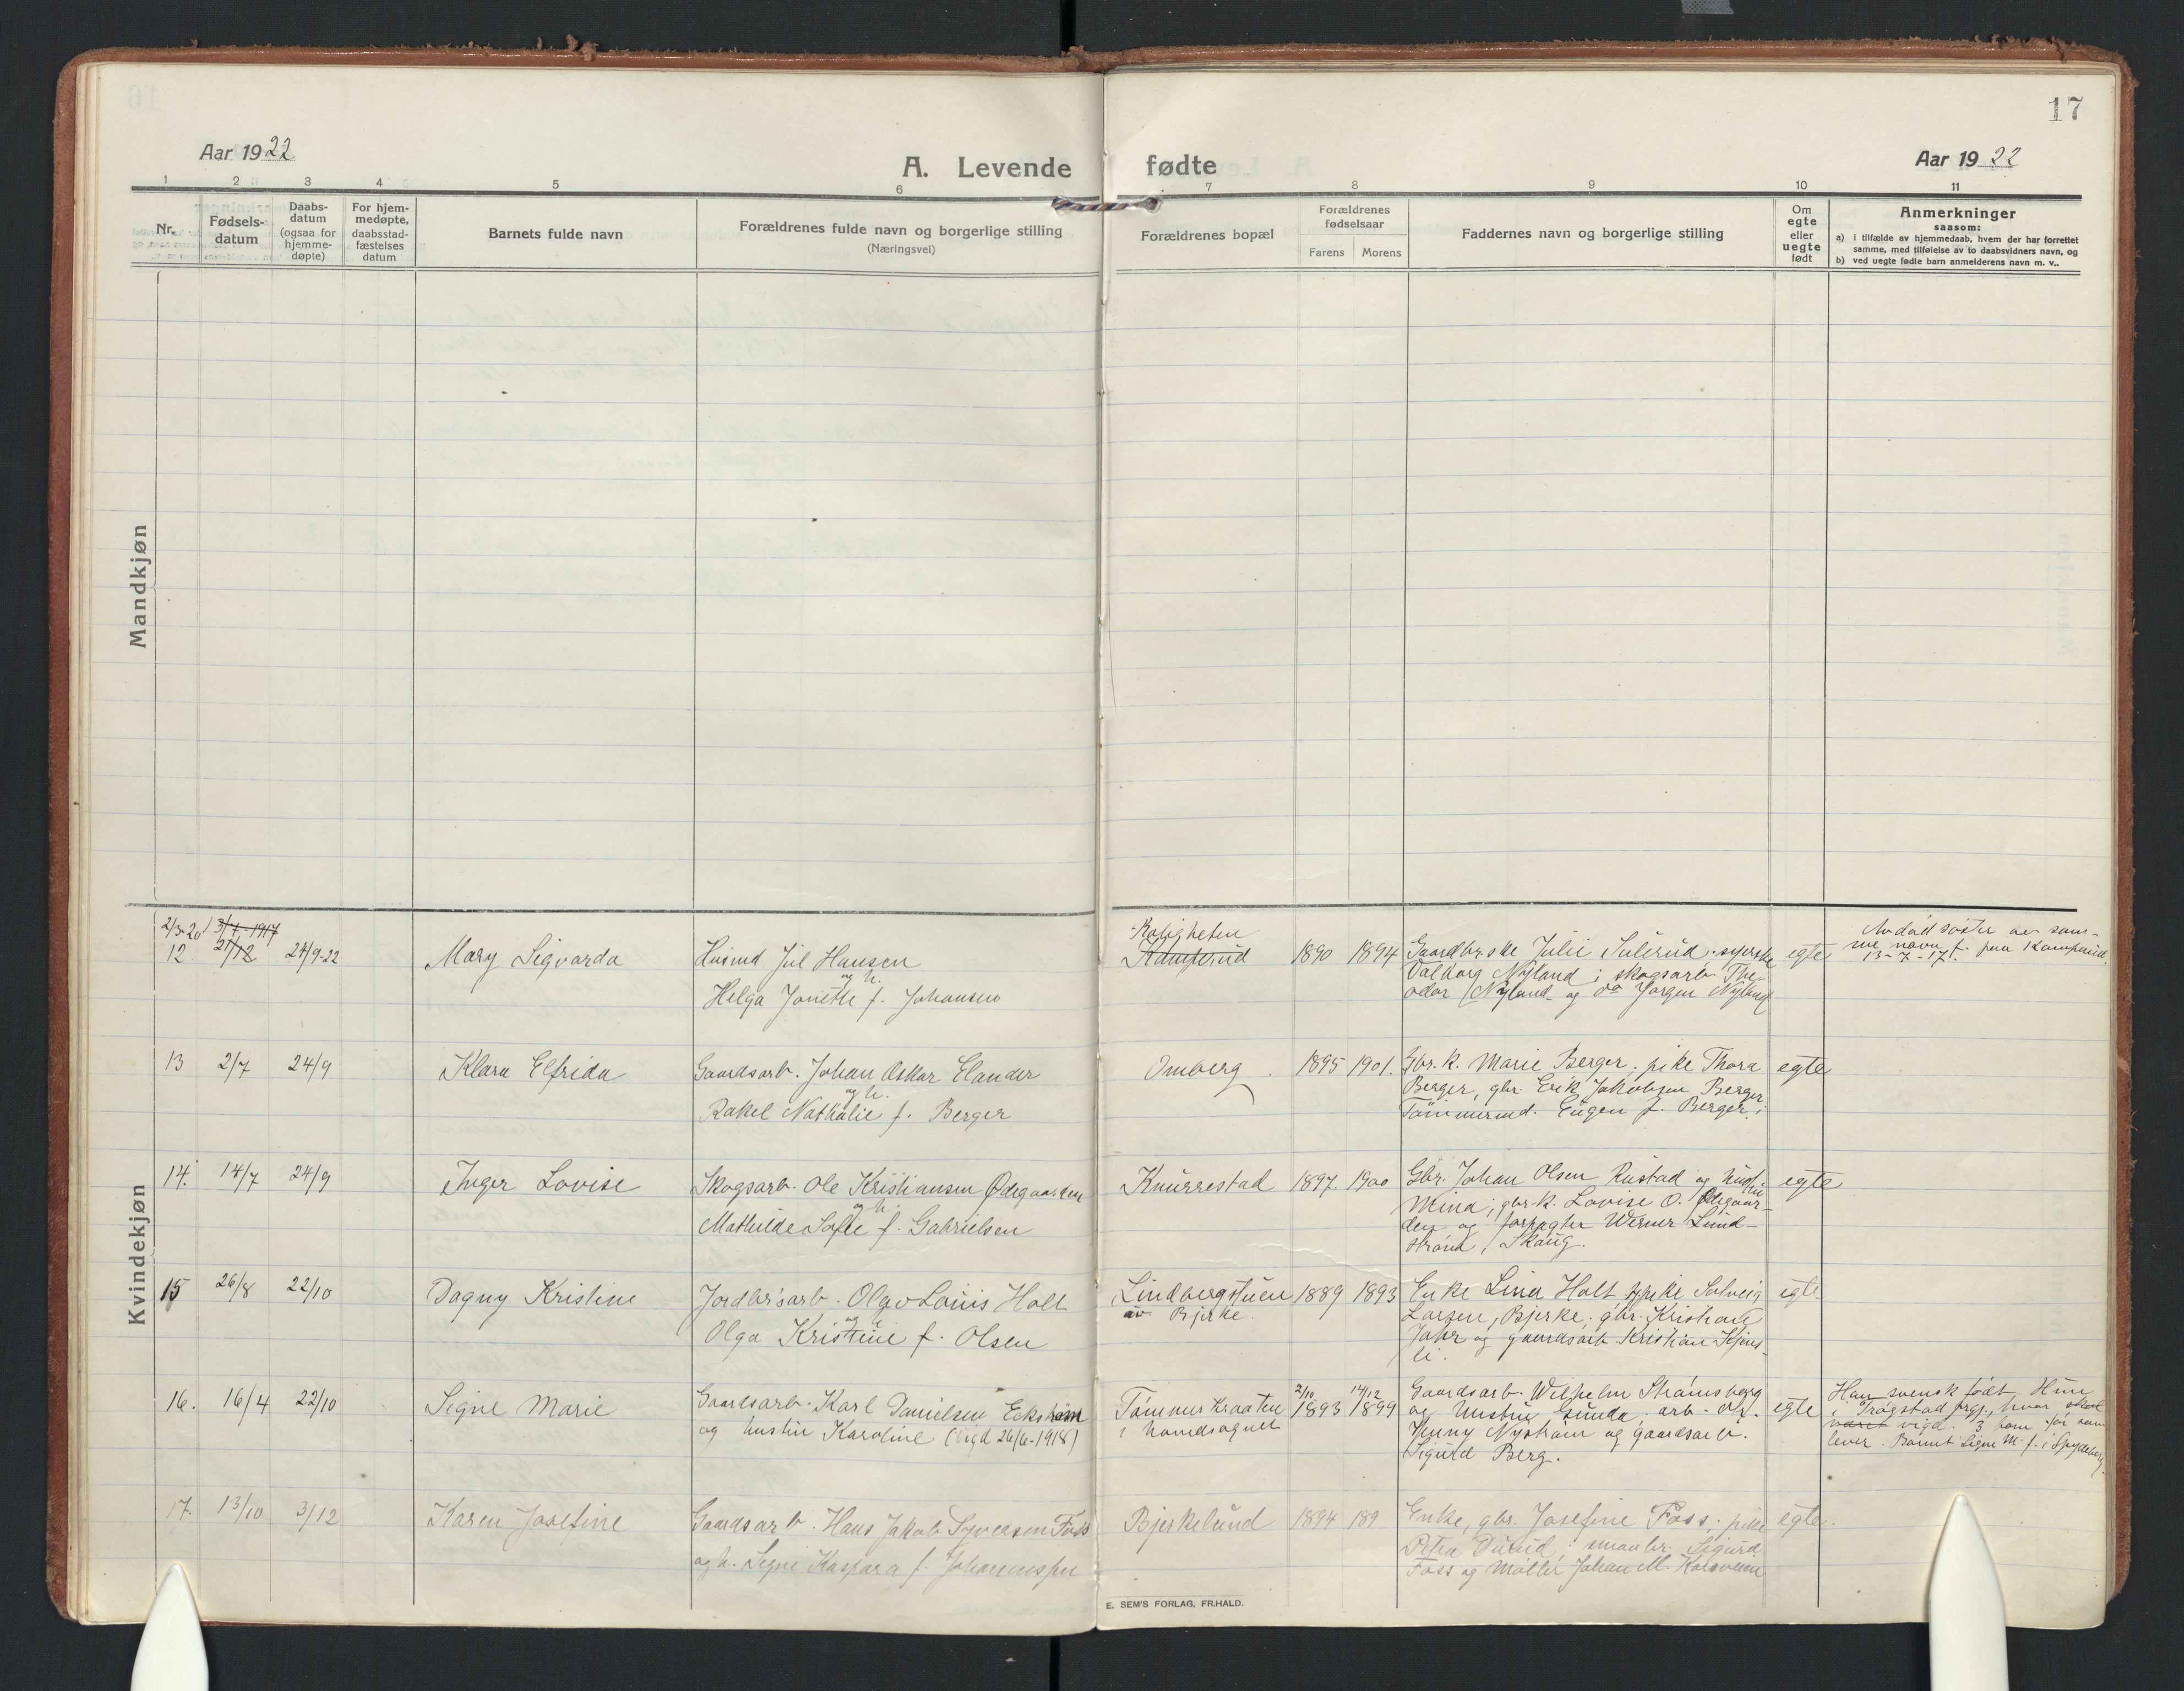 SAO, Enebakk prestekontor Kirkebøker, F/Fb/L0003: Ministerialbok nr. II 3, 1912-1946, s. 17